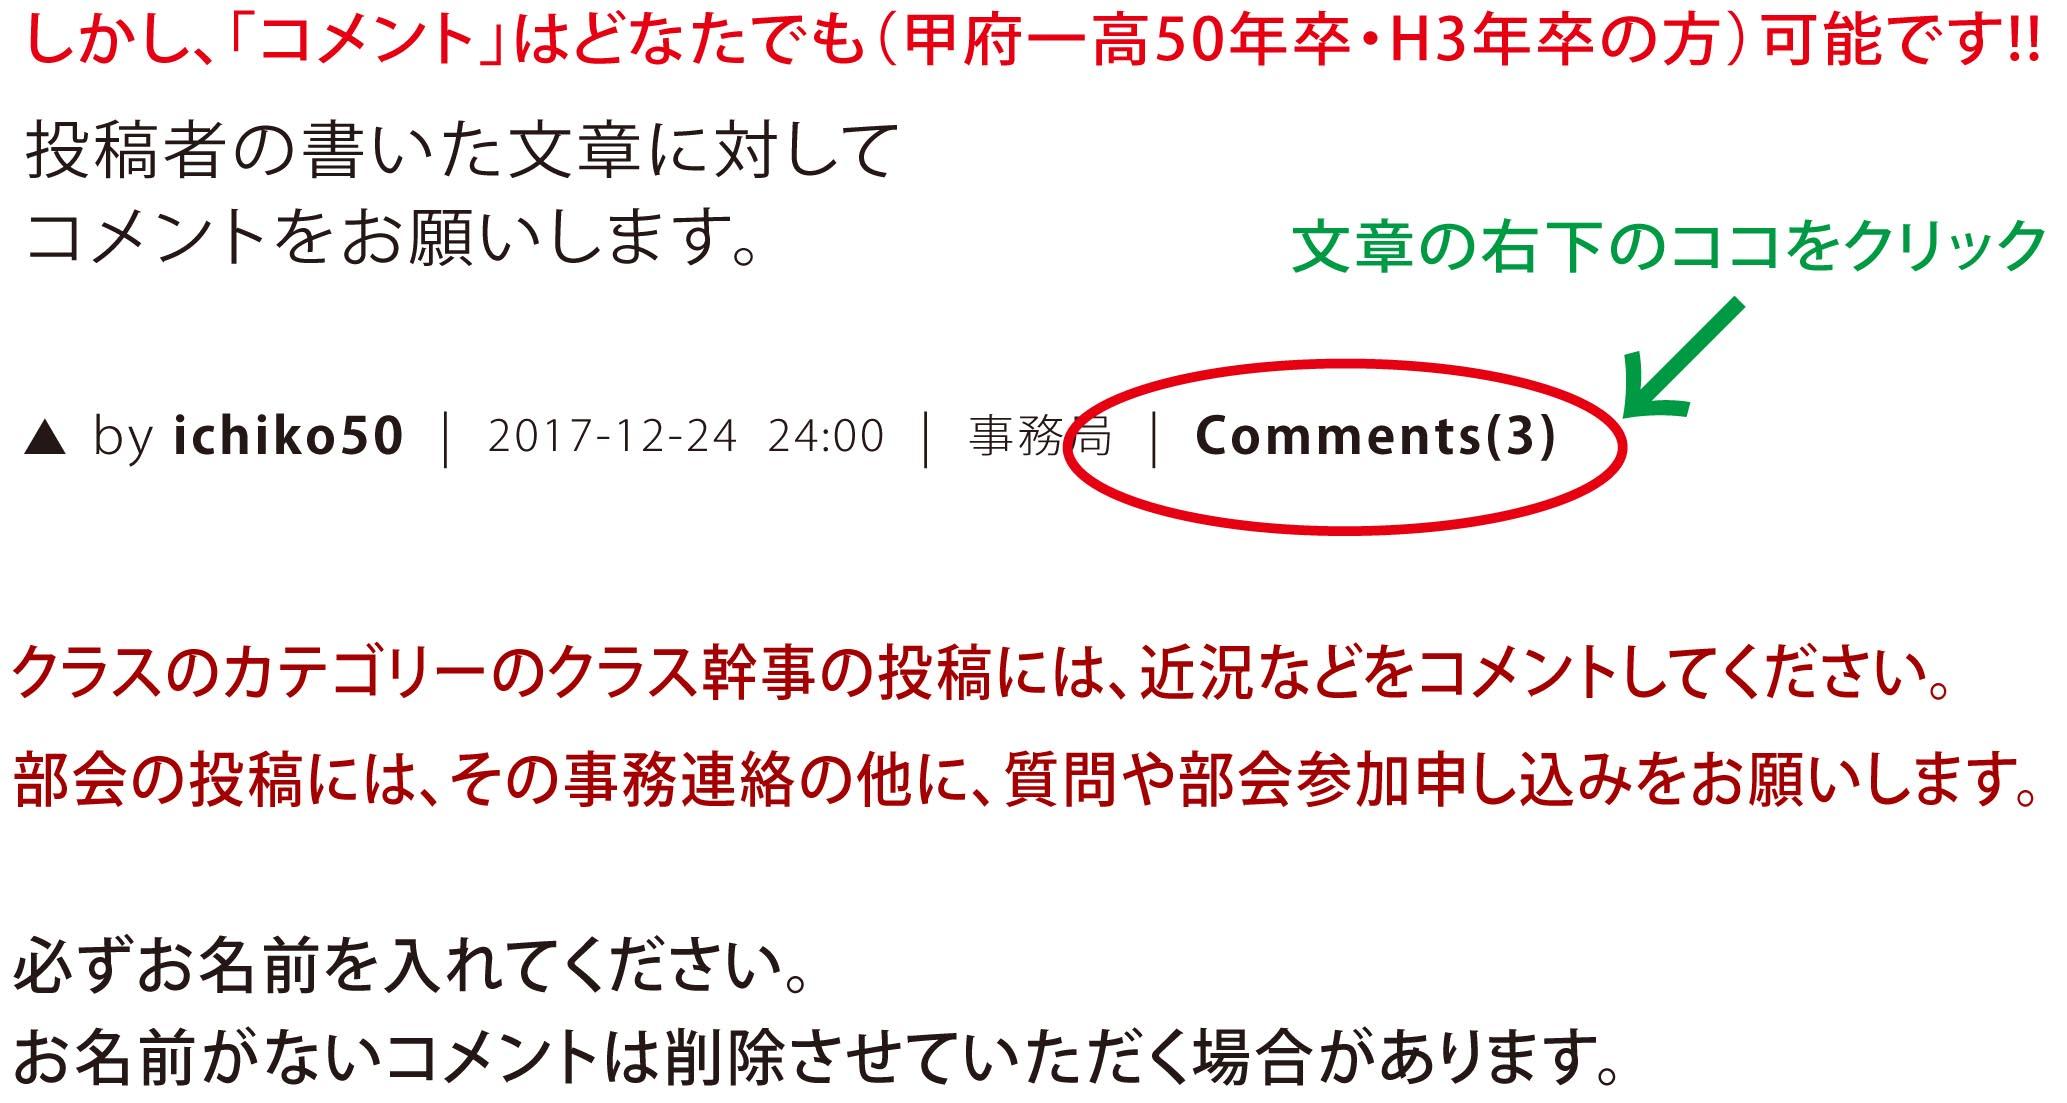 コメントの書き方-IT部会より_a0255513_1118983.jpg